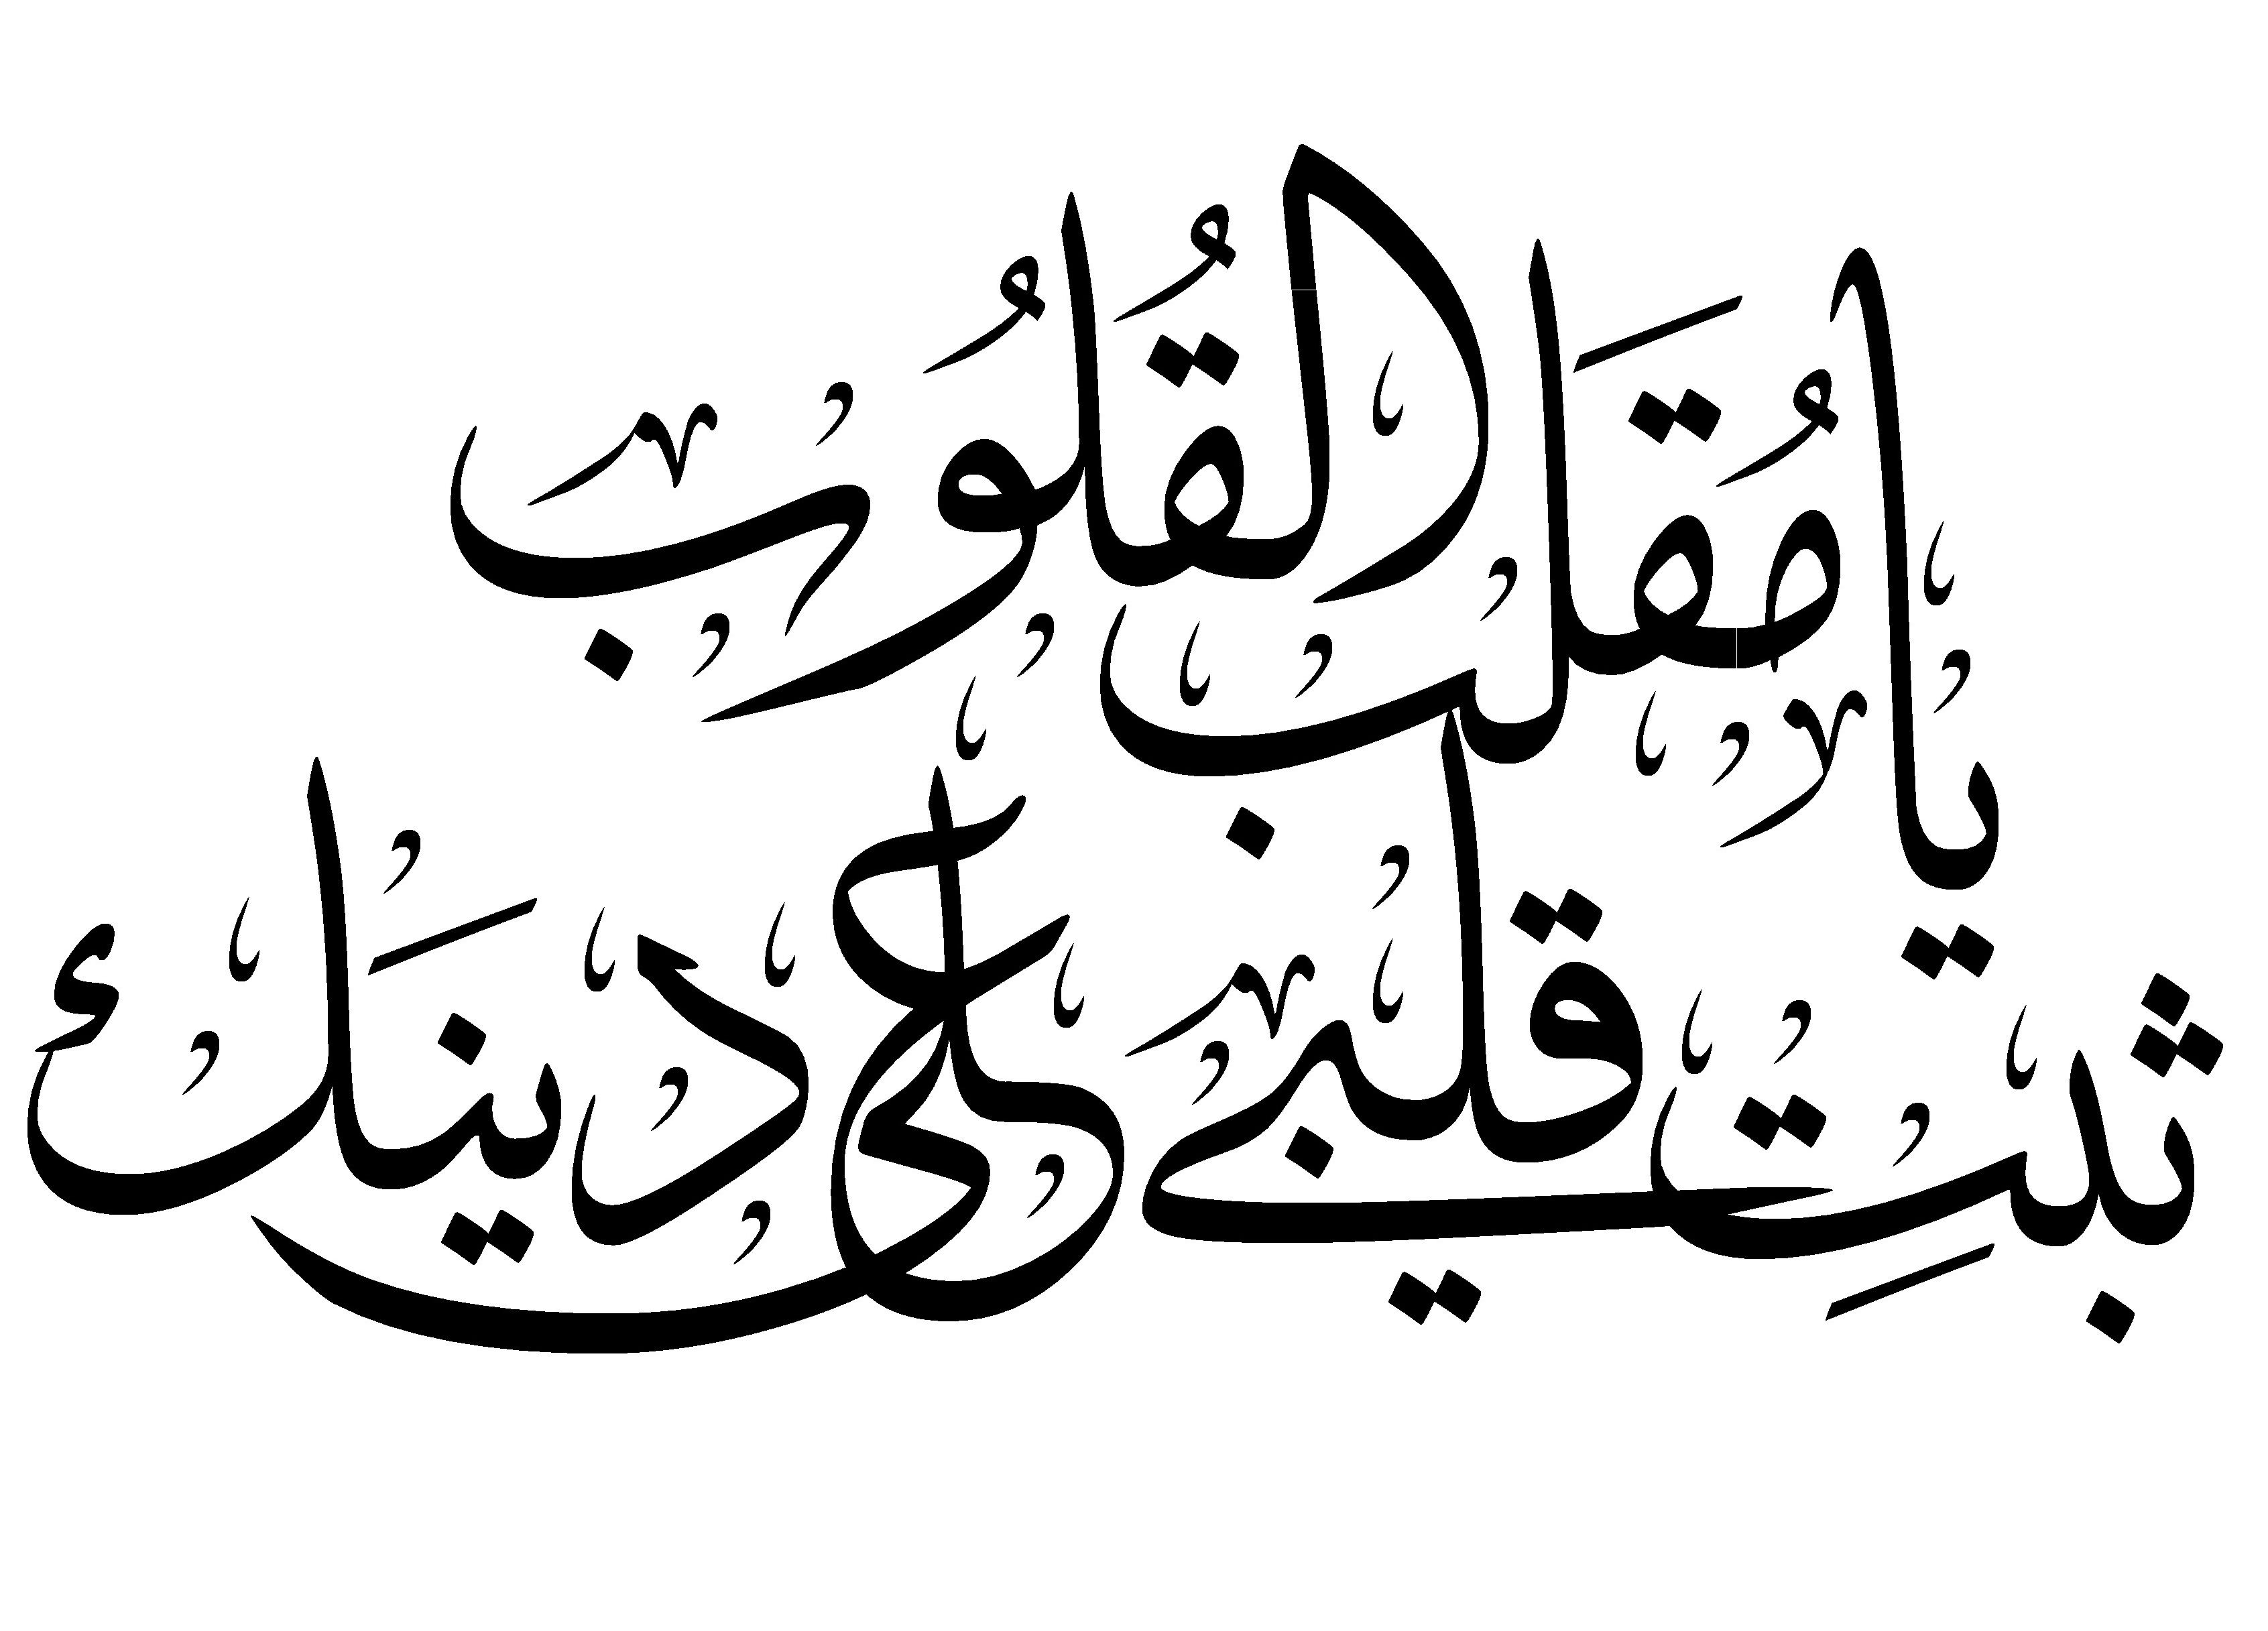 Pin By بسم الله الرحمن الرحيم On 2 مخطوطات اسلامية Islamic Quotes Quran Islamic Quotes Islamic Pictures